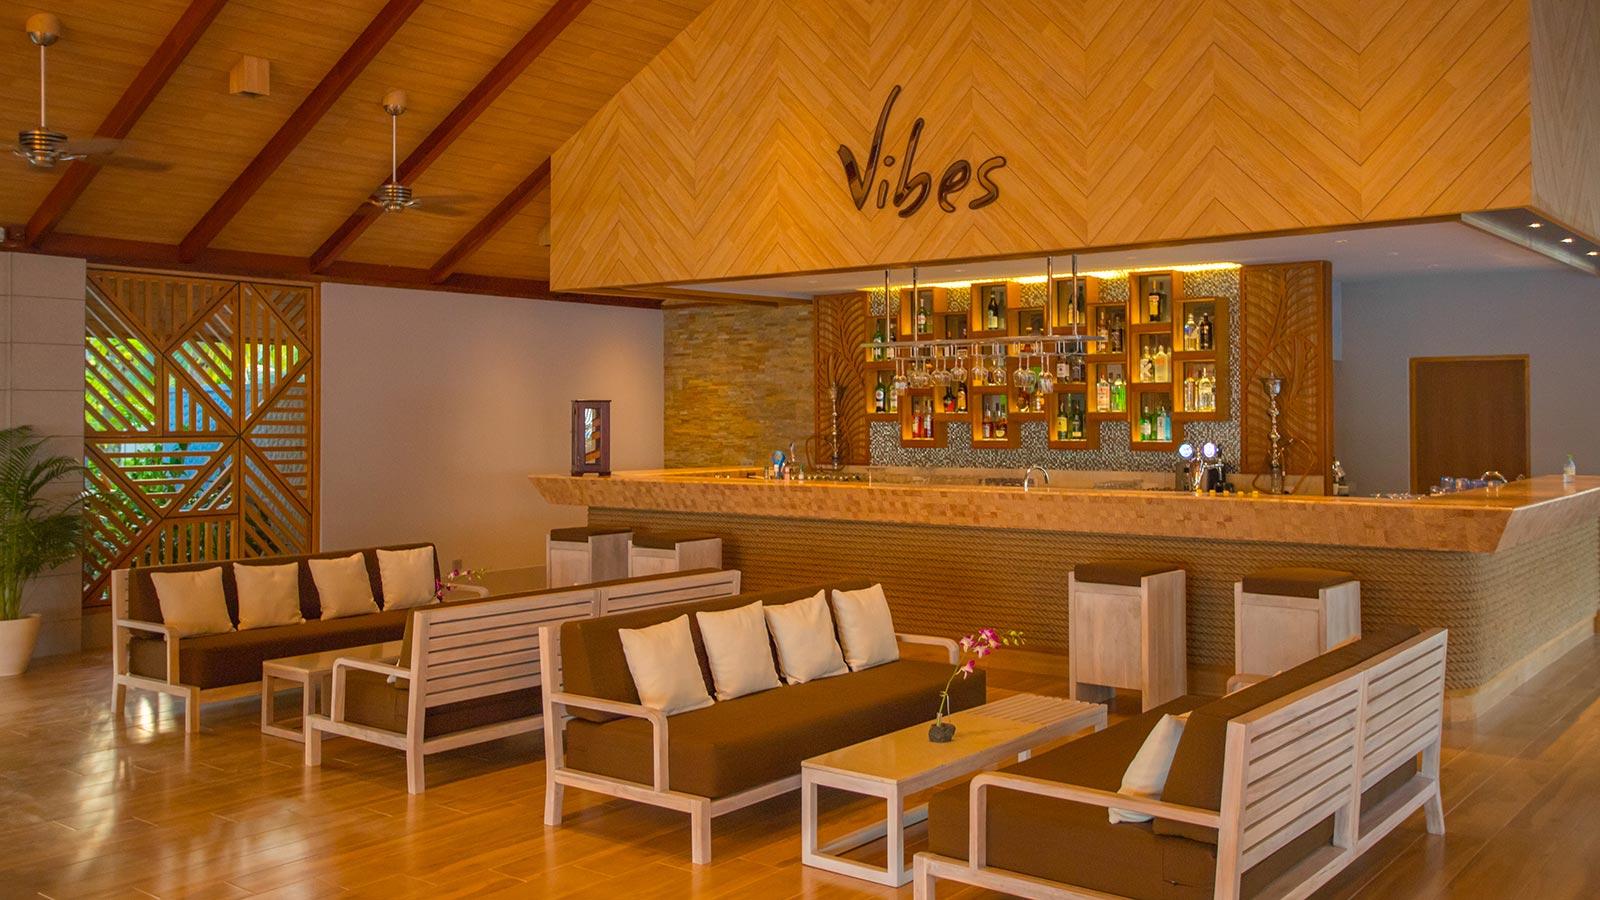 Vibes Bar at Lily Beach Maldives